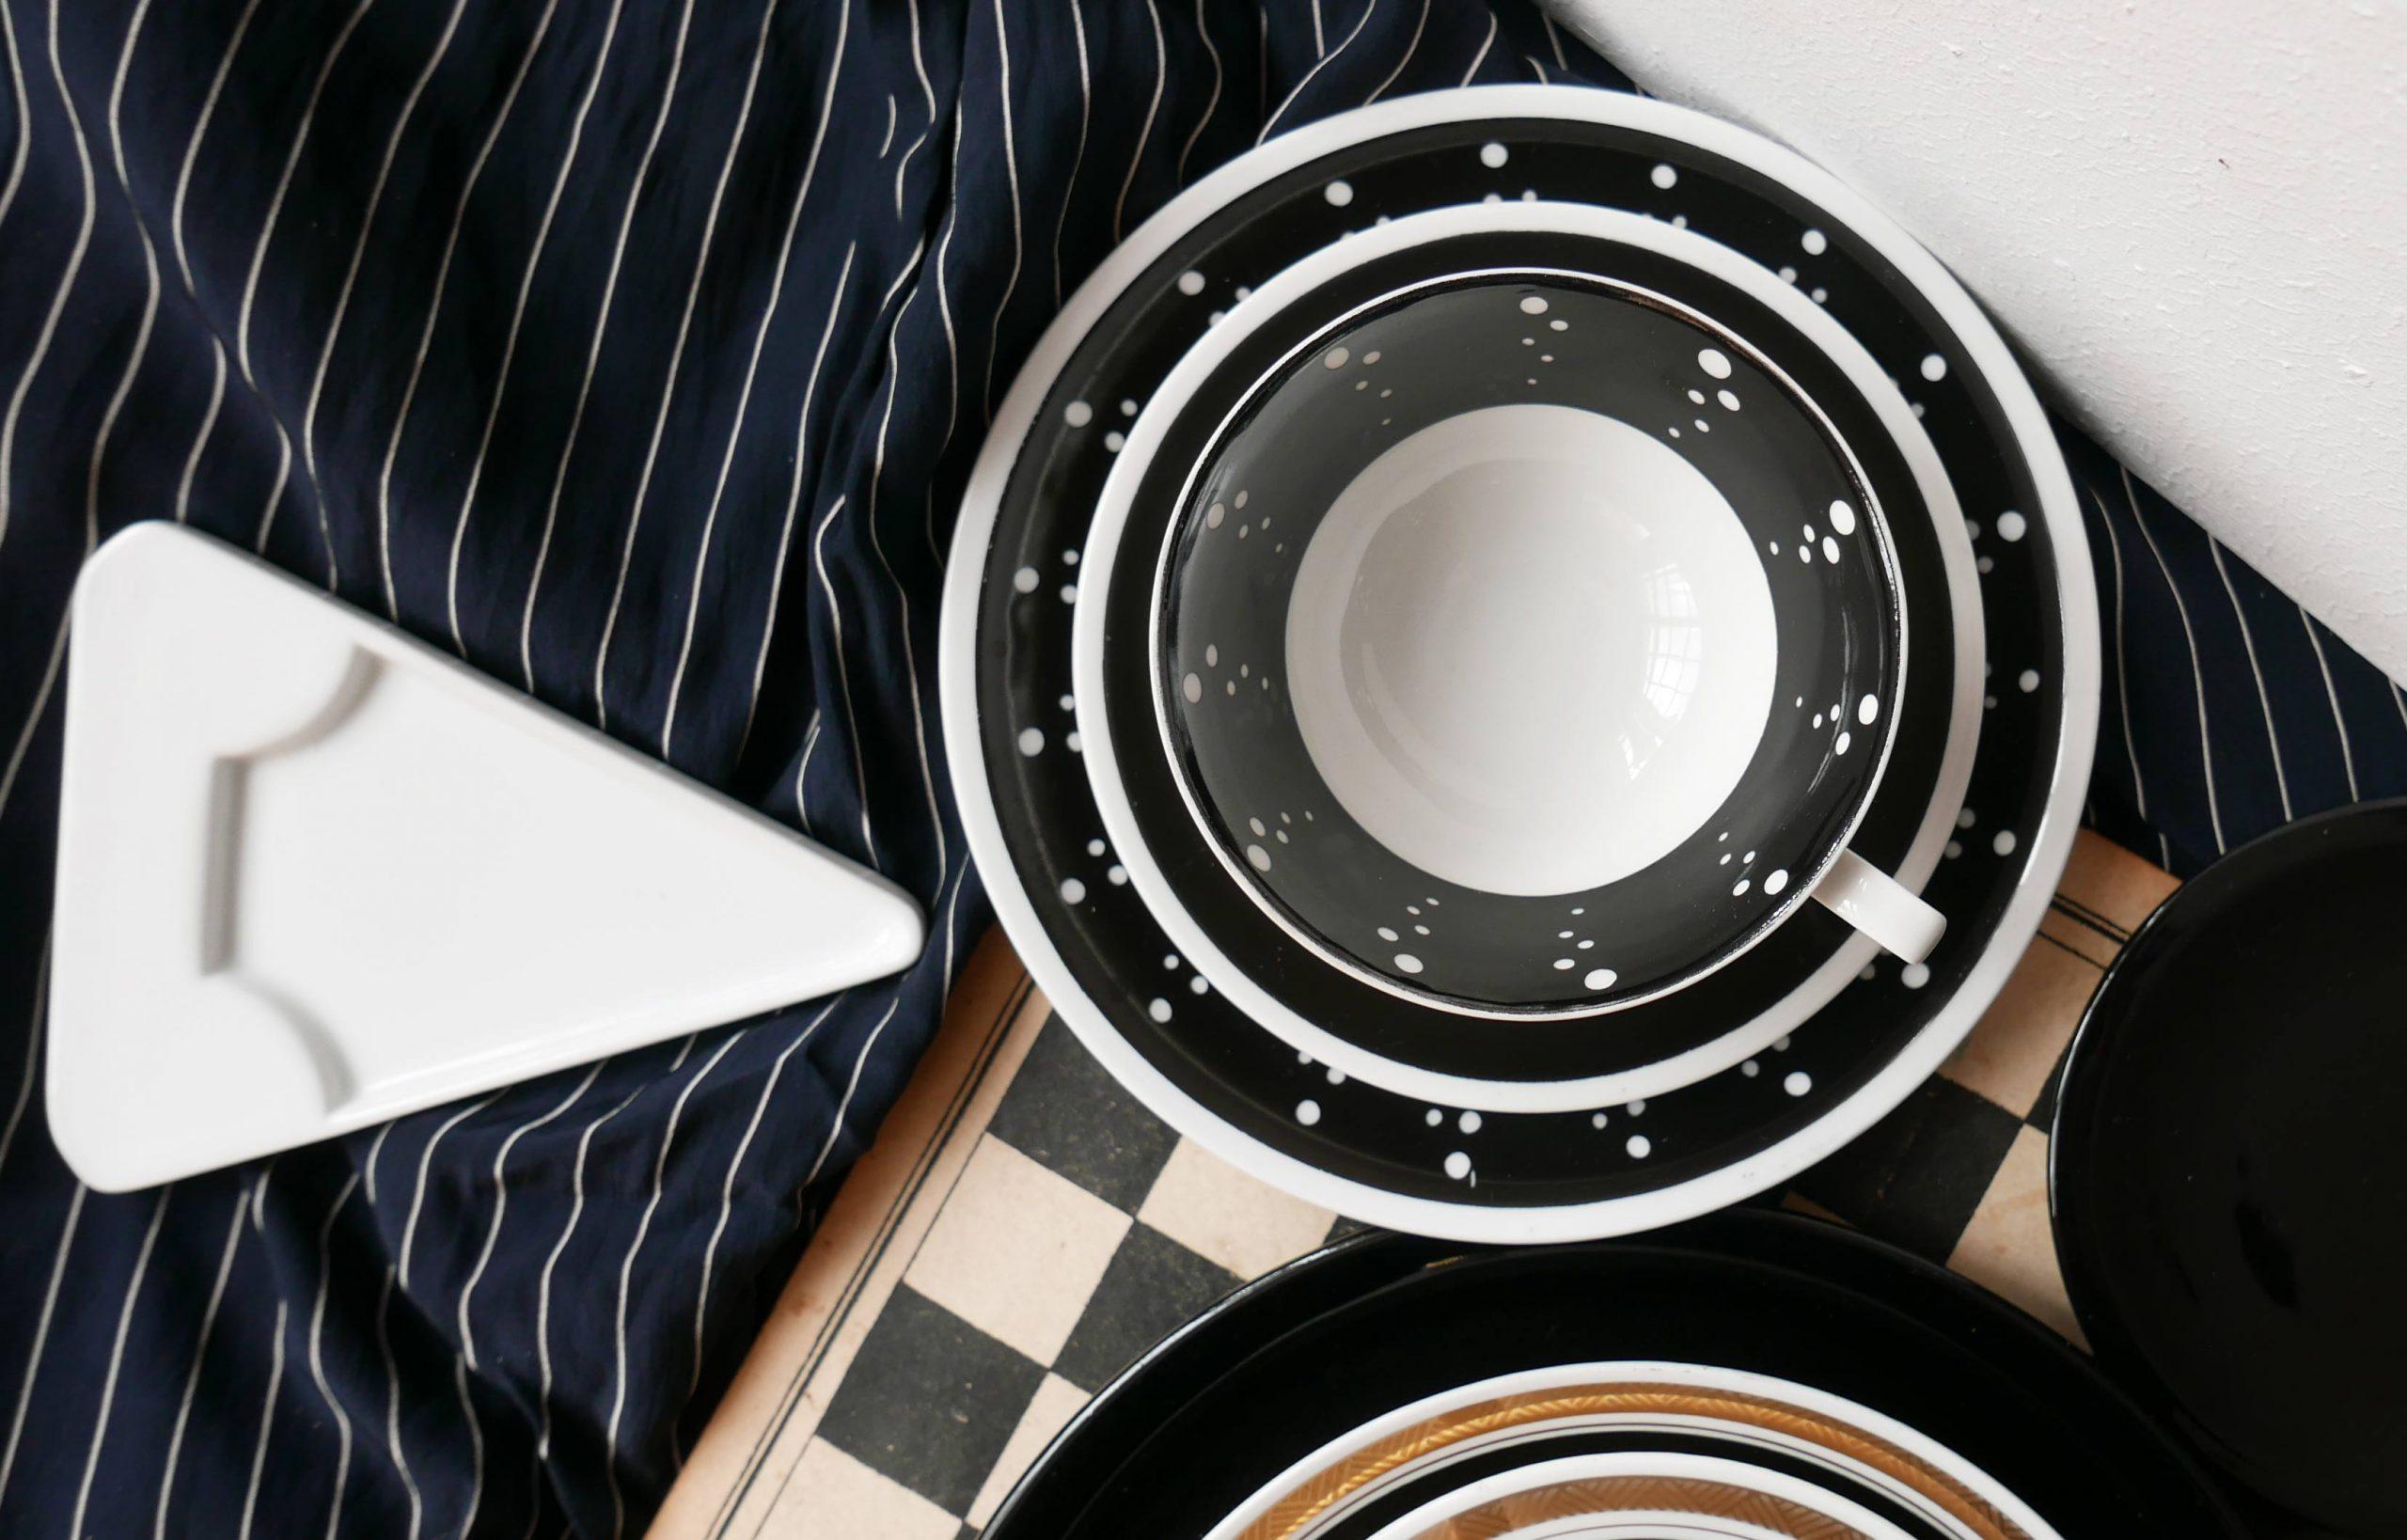 Porzellanset Sammeltasse schwarz mit weissen Punkten